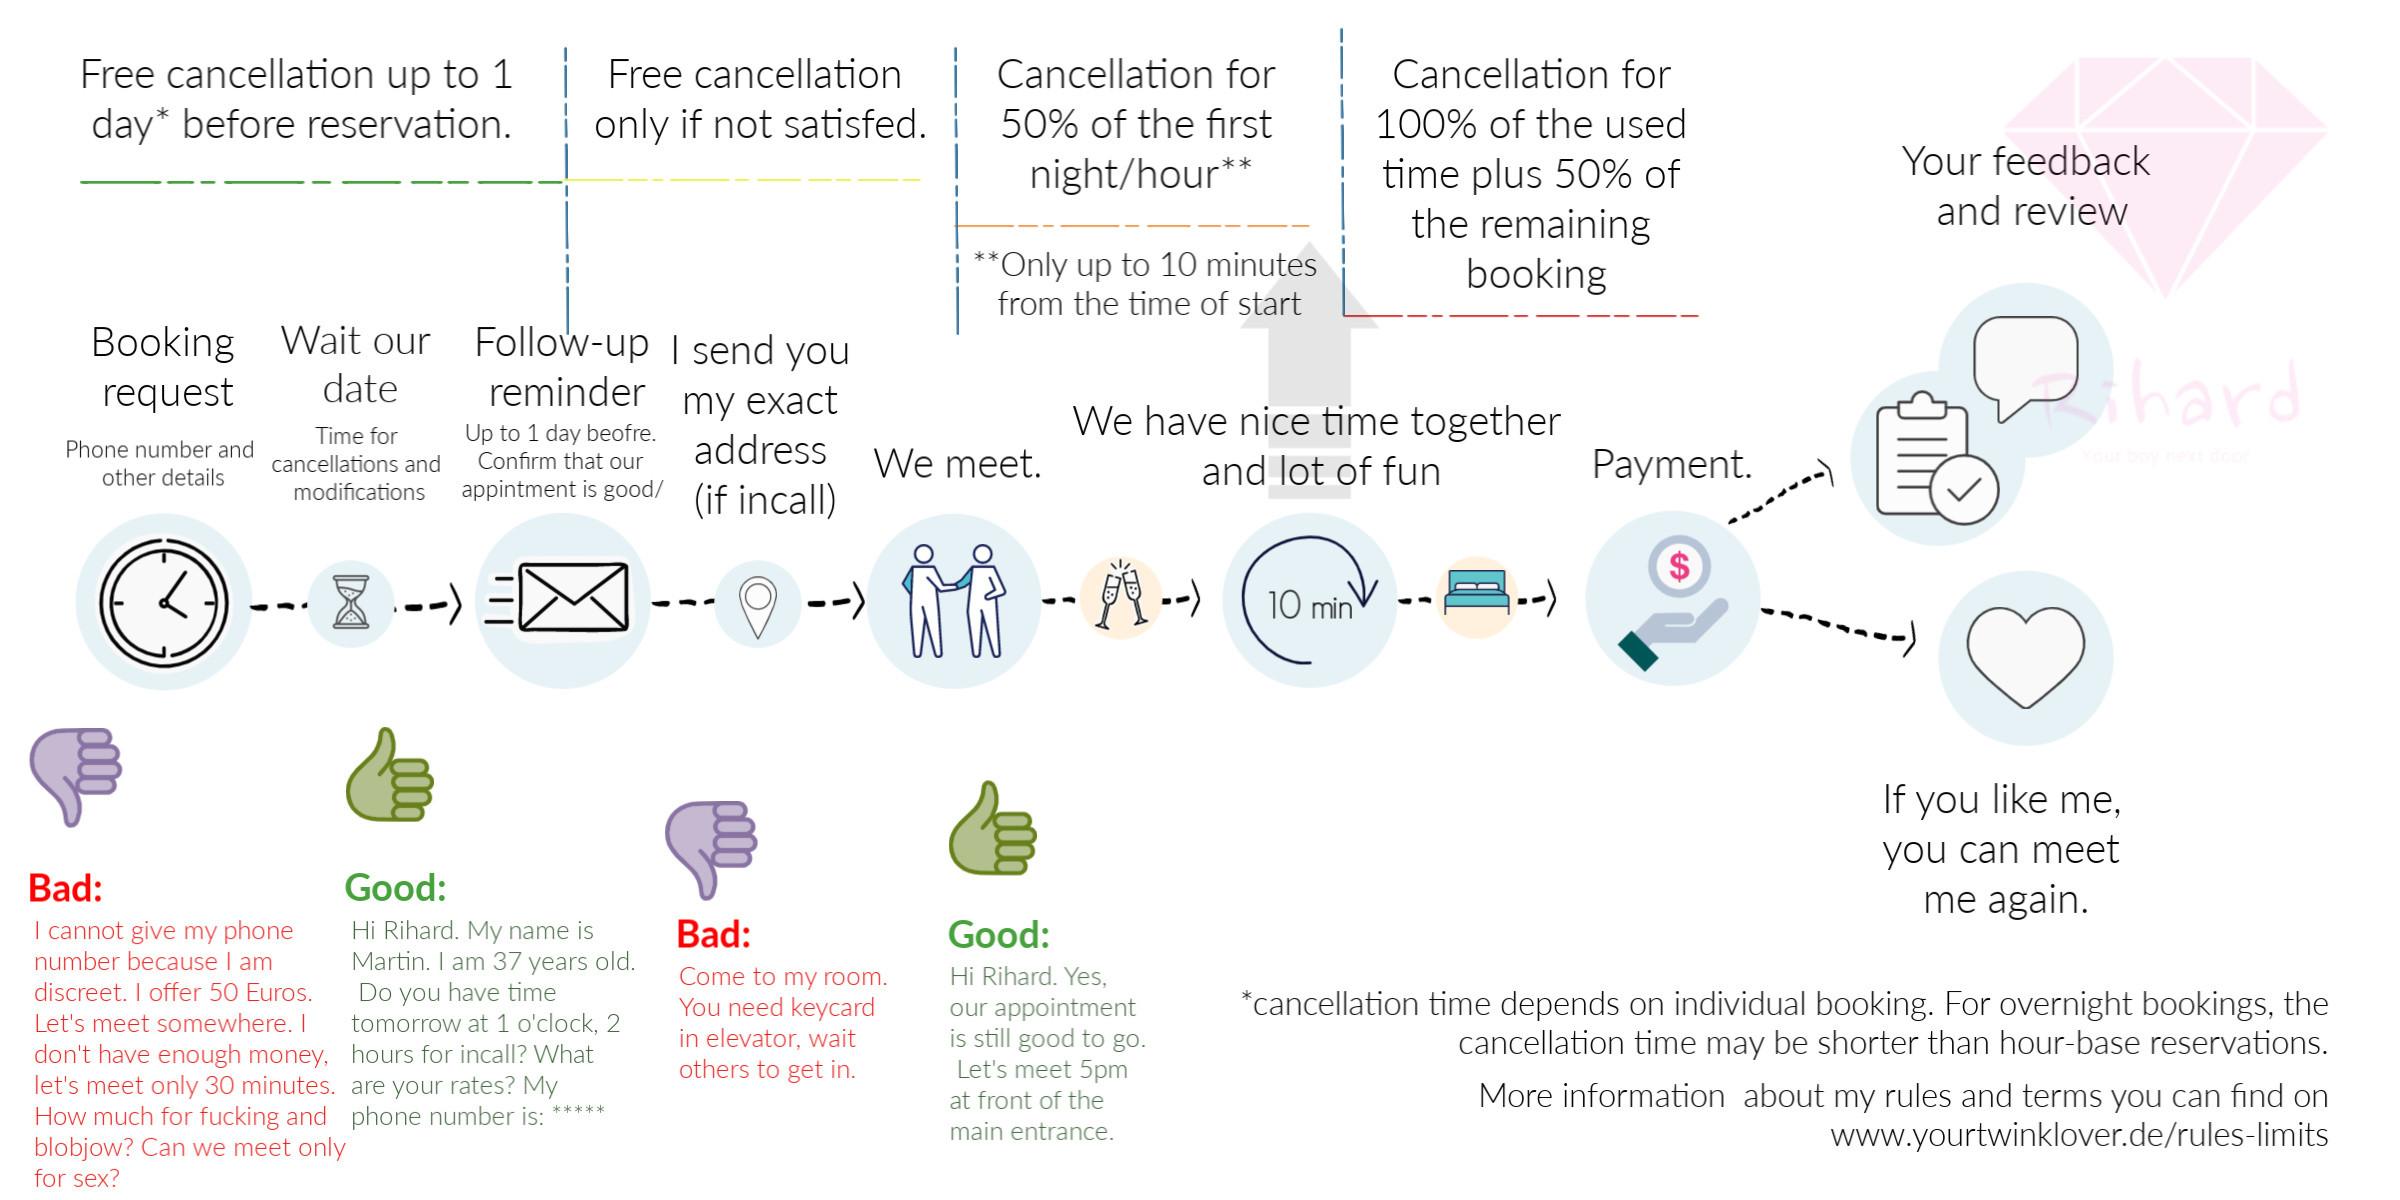 Reservation Timeline Rihard